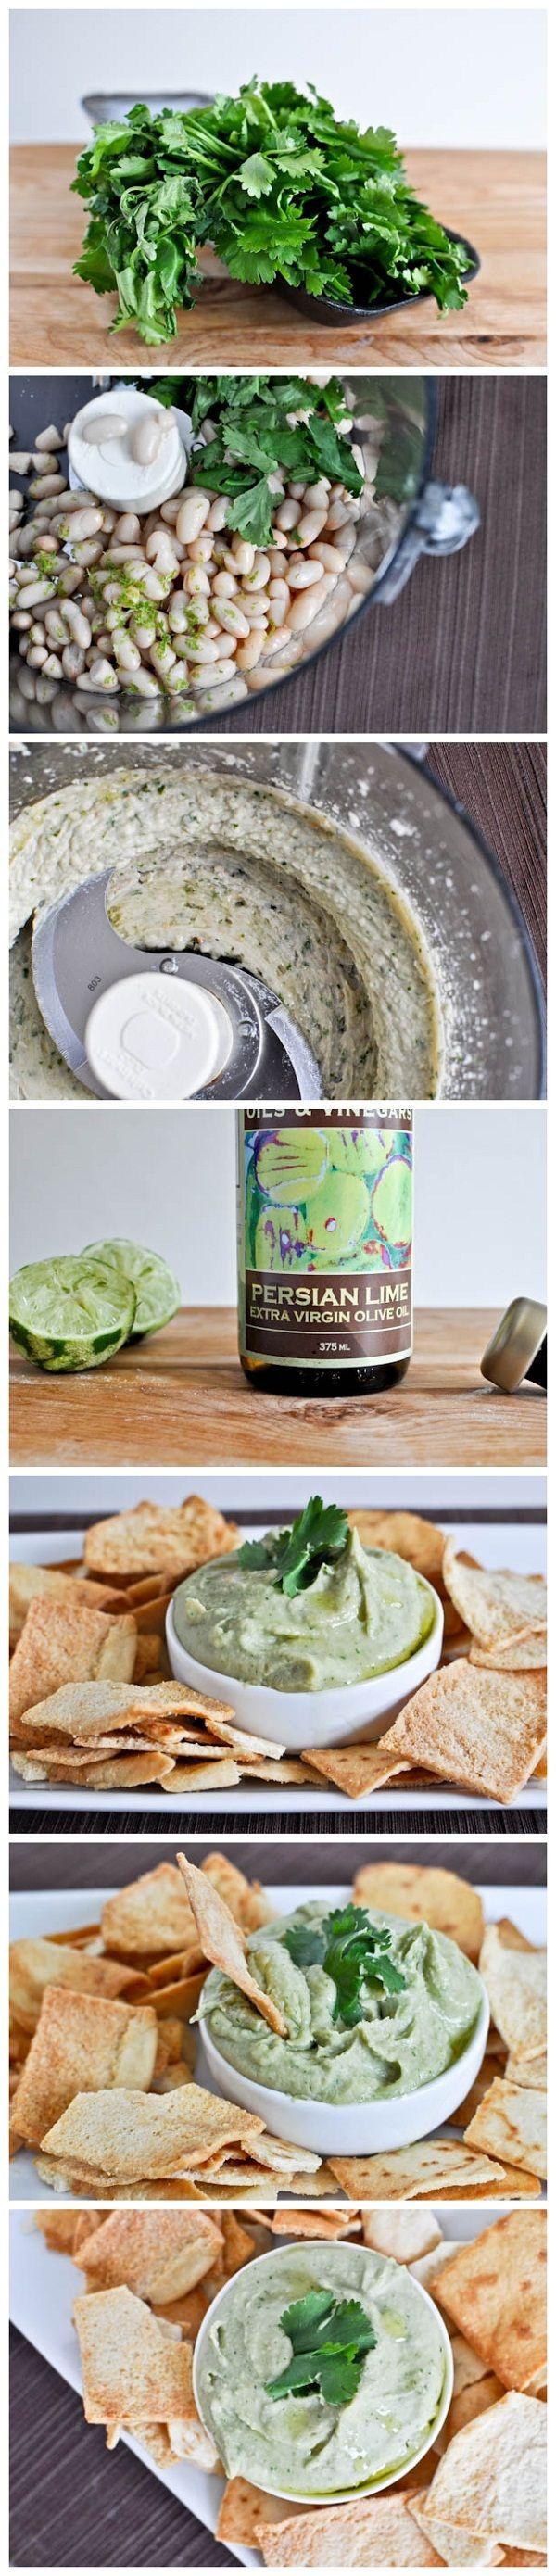 Cilantro Lime White Bean Hummus / recipesweet